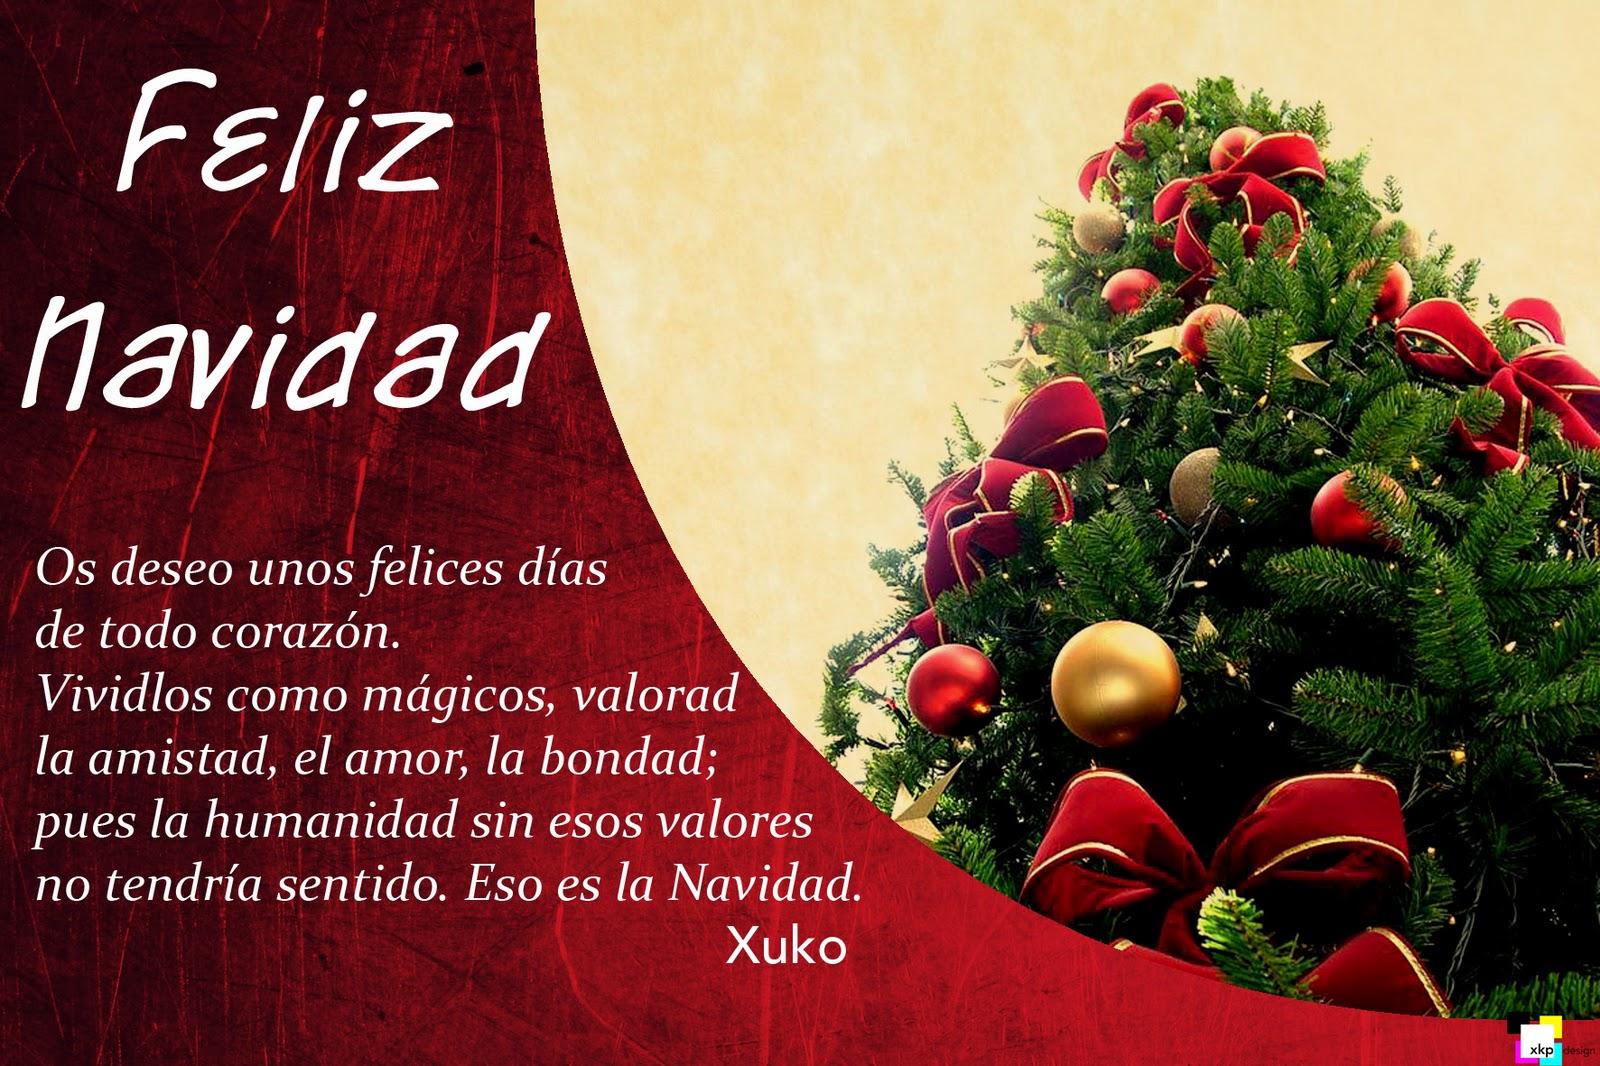 Descargar Felicitaciones De Navidad Y Ano Nuevo Gratis.Imagenes Navidenas Gratis Bajar